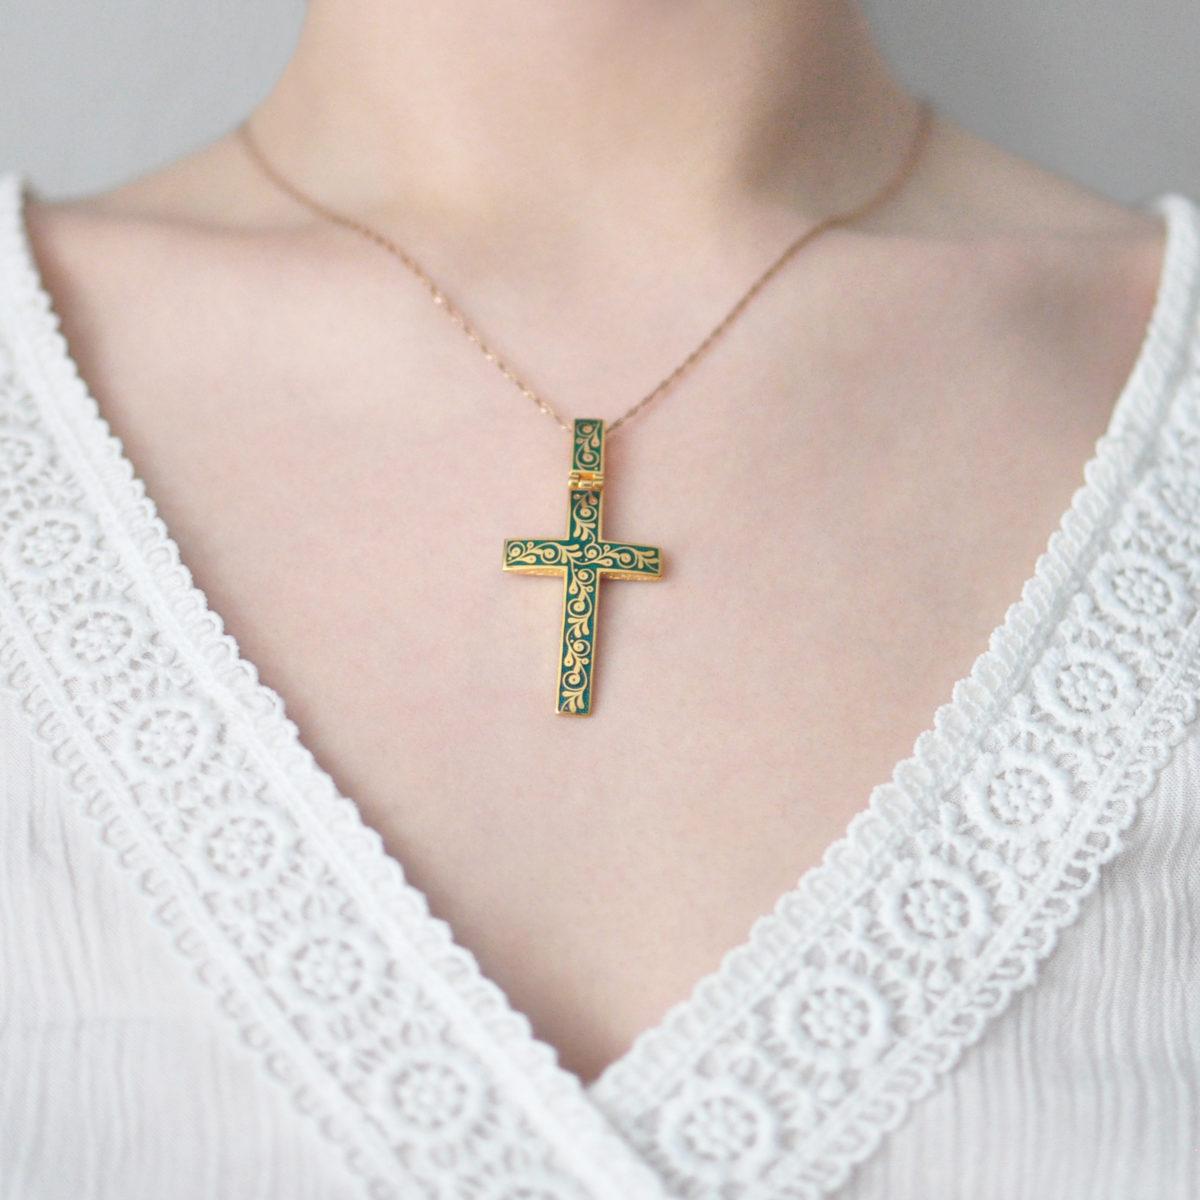 """Zolochenie zelenaya 1200x1200 - Нательный крест """"Спас на крови"""" (золочение), зеленый"""